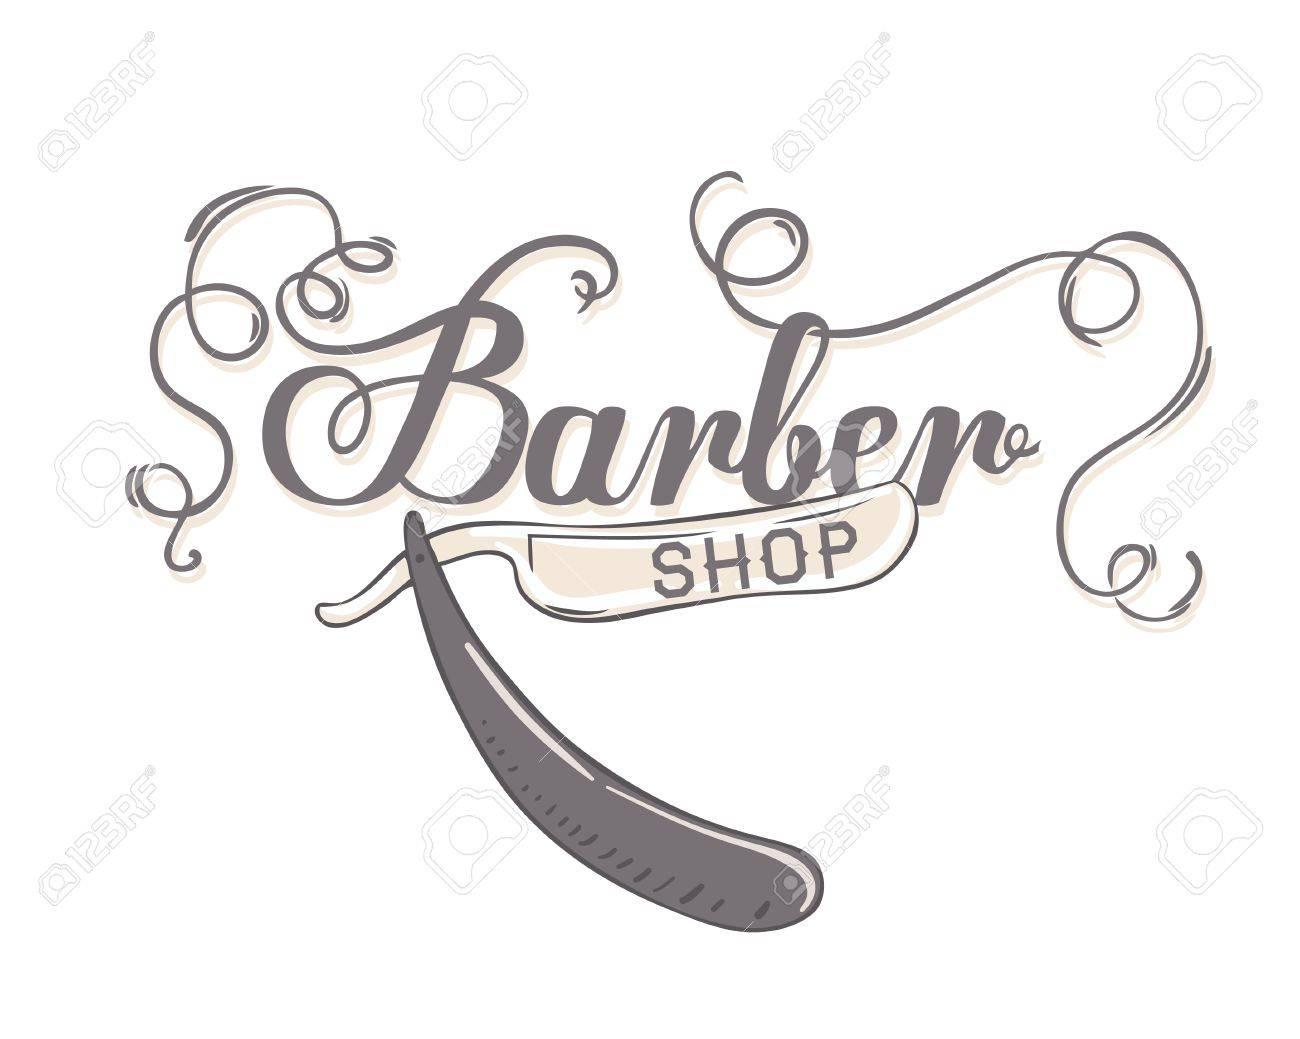 Hipster barber shop business card design template vector hipster barber shop business card design template vector illustration stock vector 43448274 accmission Gallery